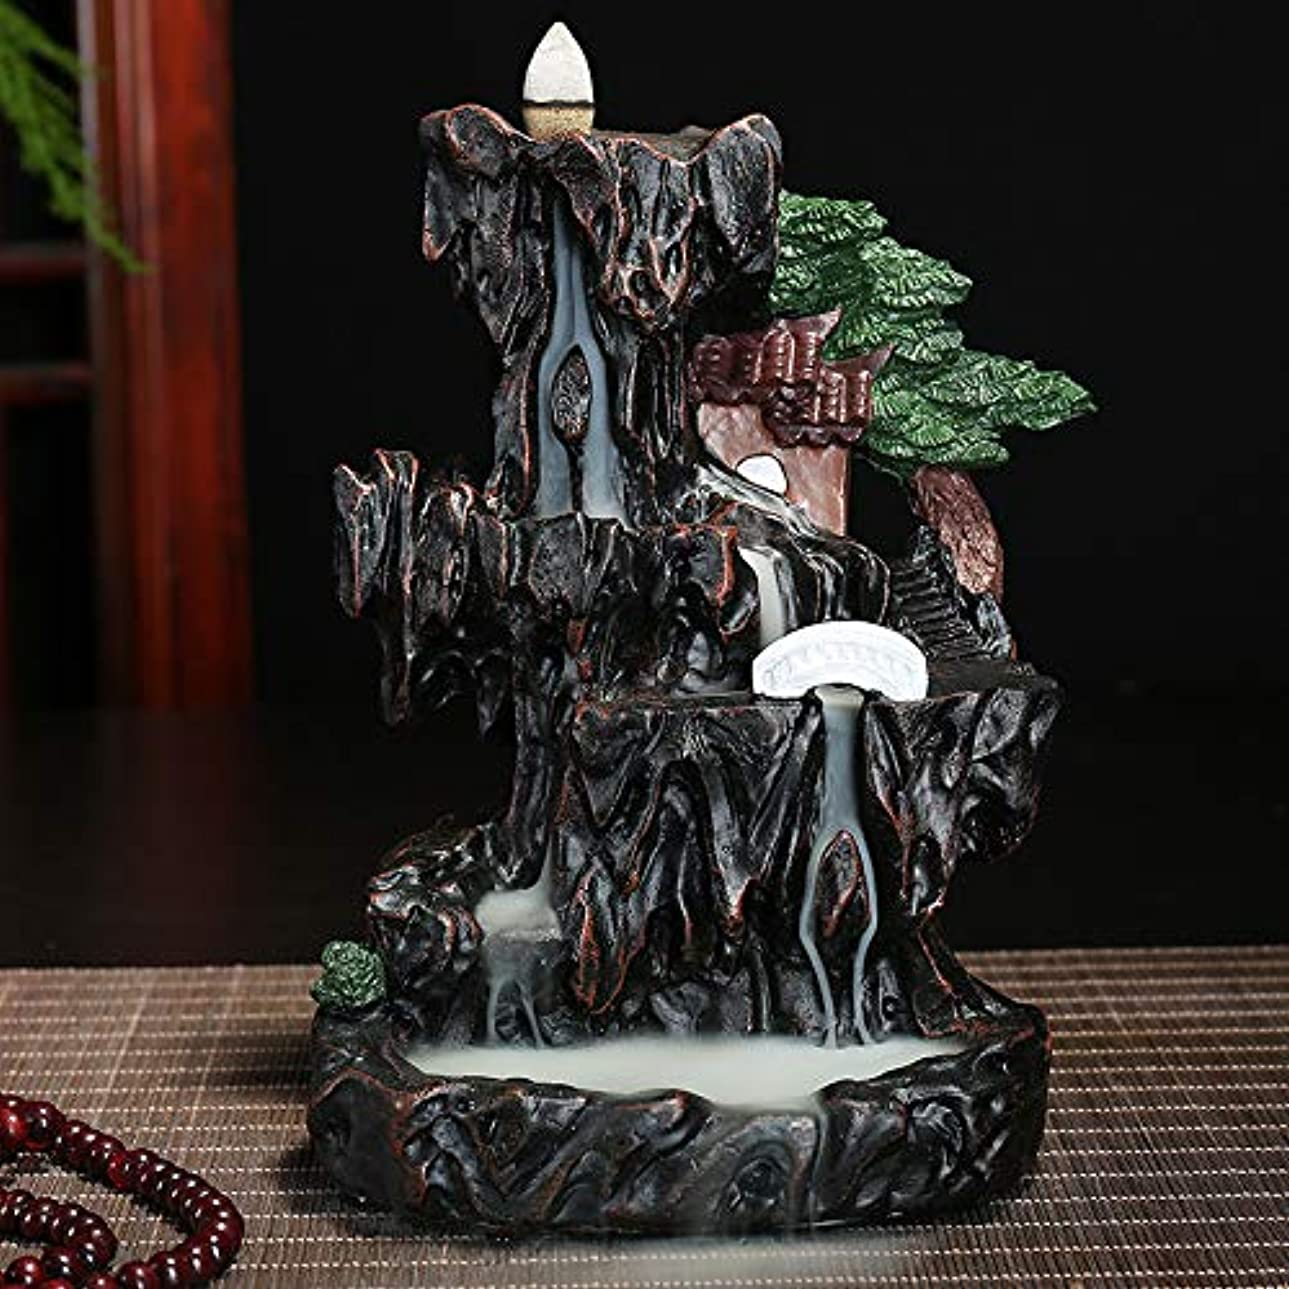 有名な遅い下品PHILOGOD 香炉 樹脂材料マウンテンリバー風景逆流香炉 香皿 香立てホームデコレーション